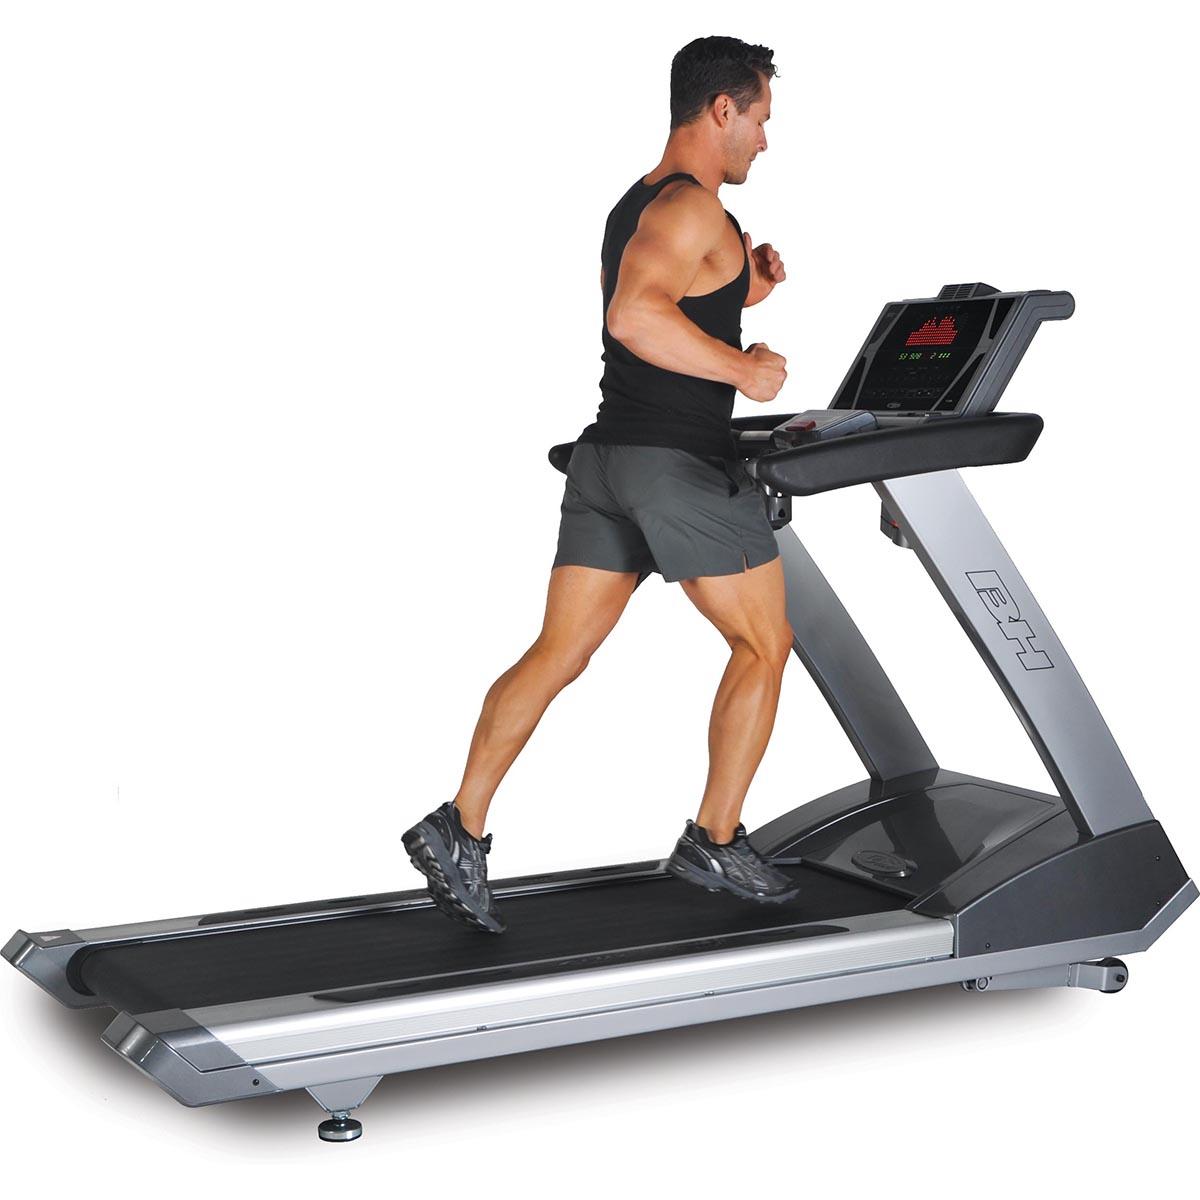 Landice Treadmill Safety Key: LK700Ti Treadmill, Commercial Grade